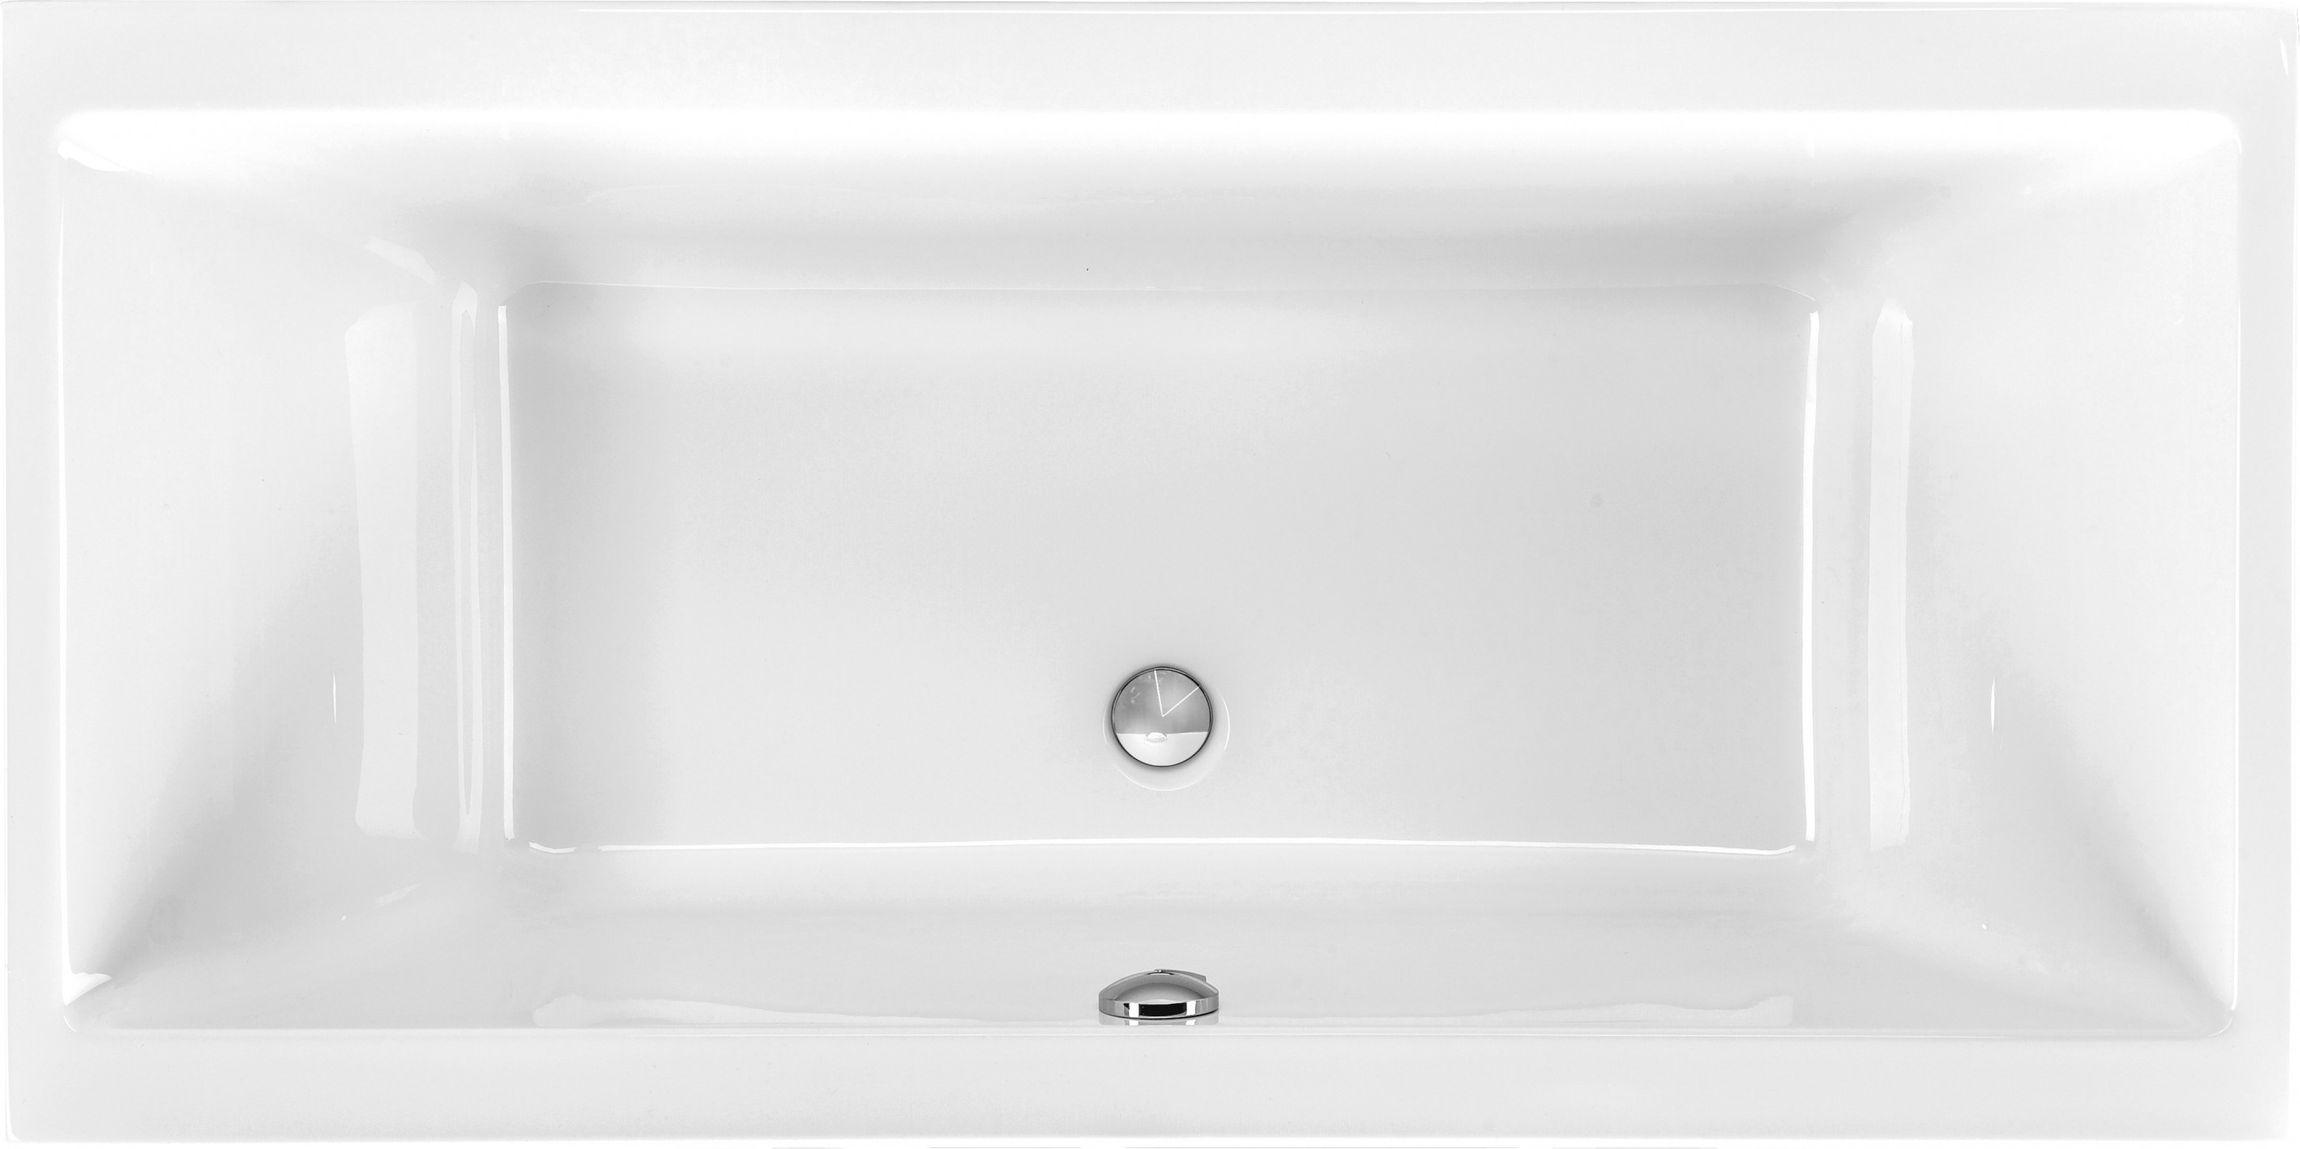 kleine badewanne 150 x 75 cm mit seitlichem ablauf einlauf. Black Bedroom Furniture Sets. Home Design Ideas